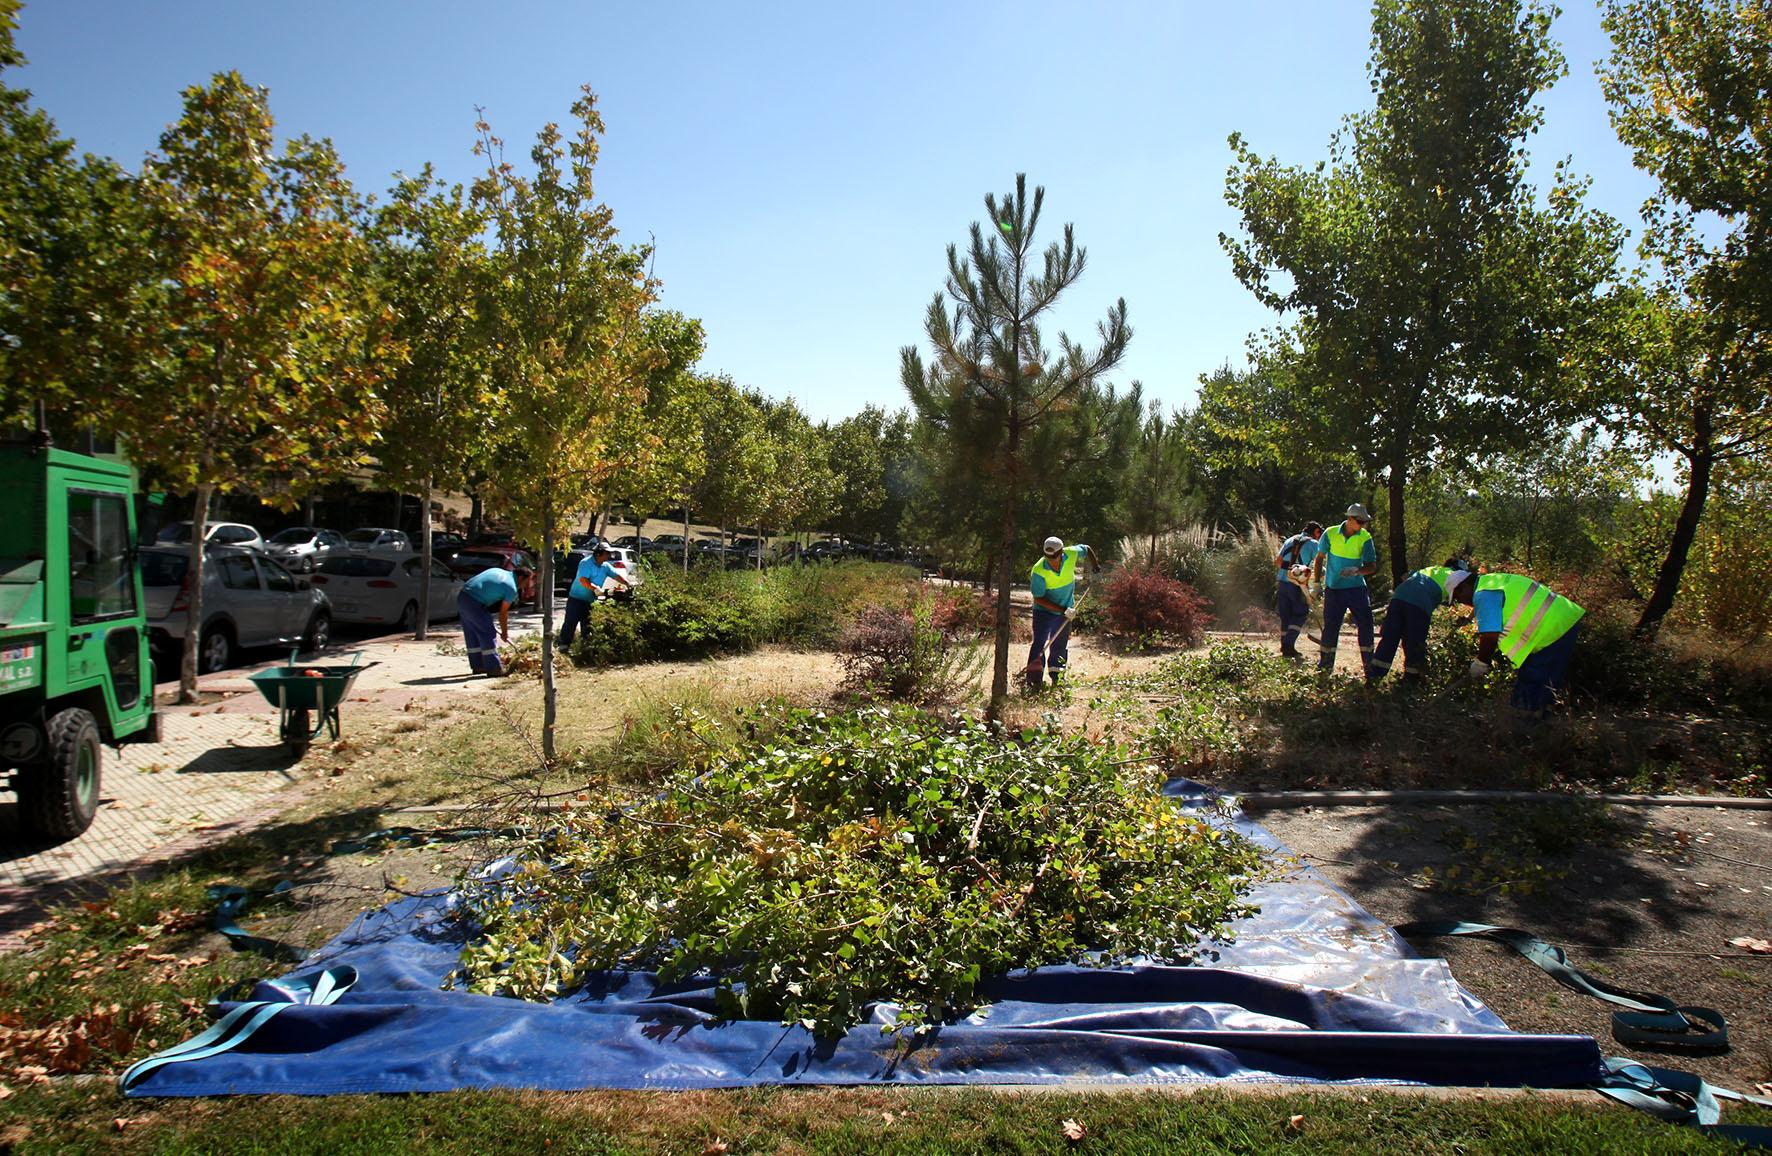 Corte al suministro de agua reciclada en la ciudad for Jardin de la vega alcobendas